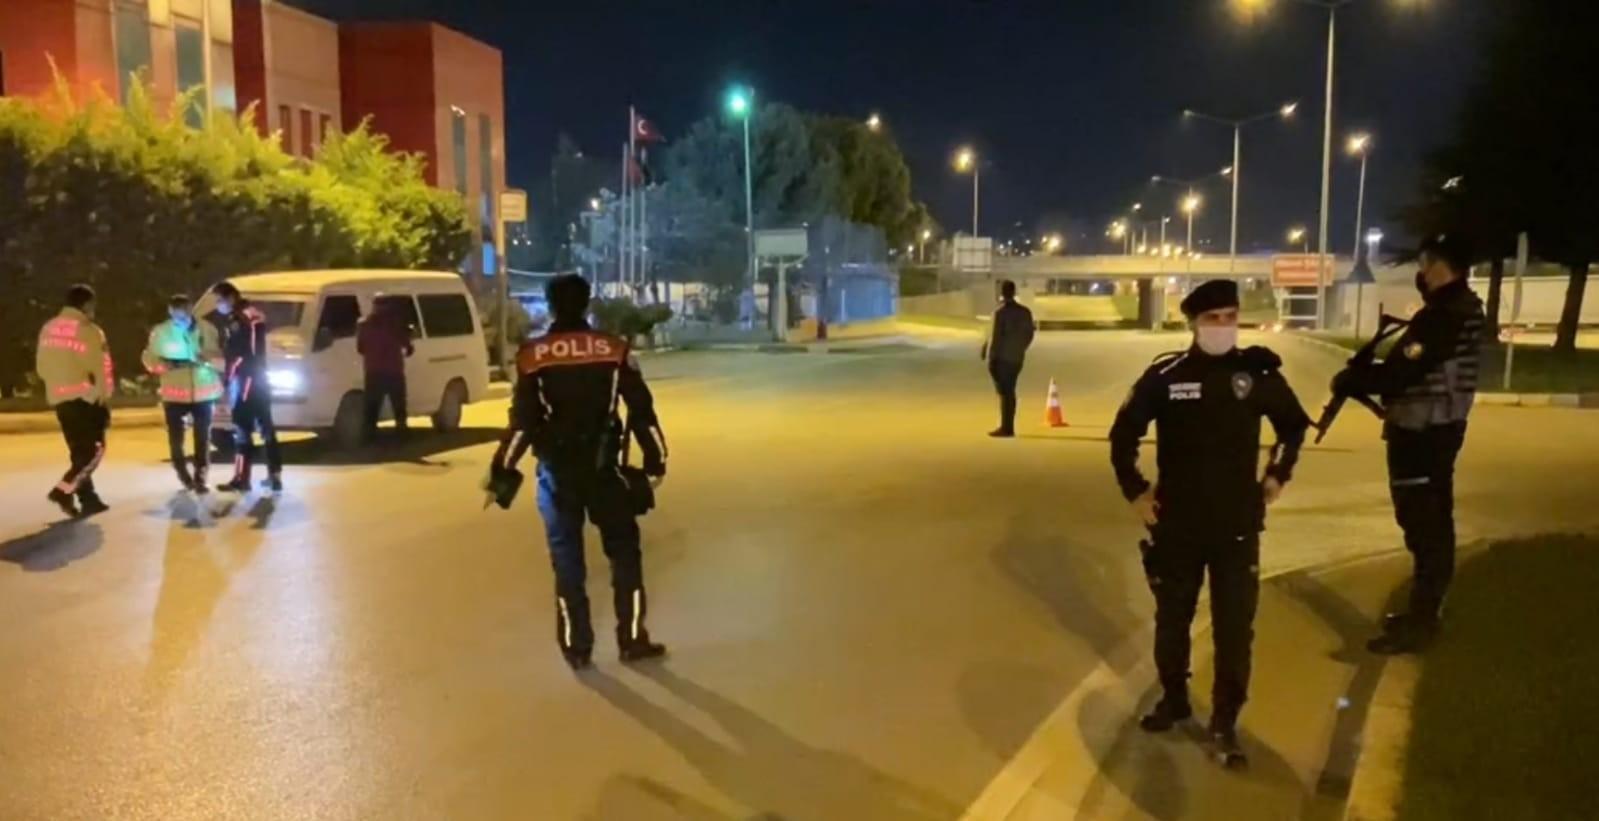 Bursa'nın İnegöl ilçesinde Sokağa çıkma yasağına uymayanlara 61 bin TL ceza kesildi